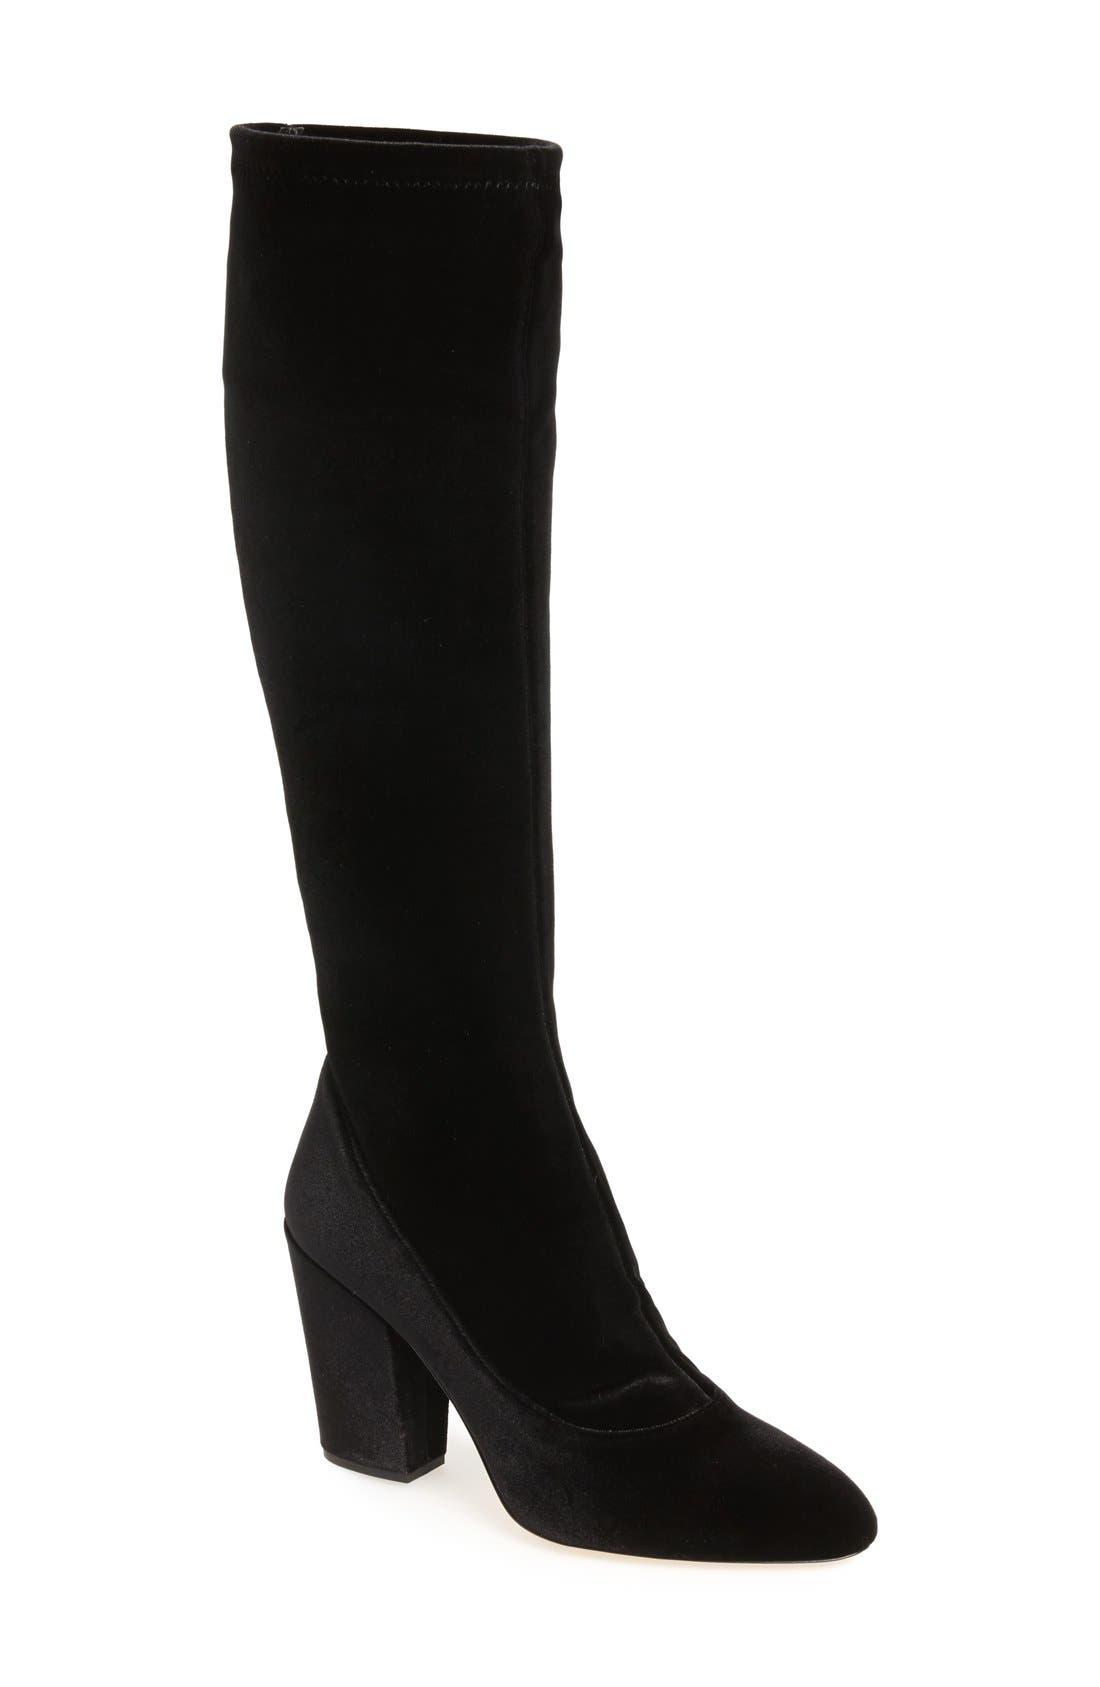 DEIMILLE Della Pia Tall Boot, Main, color, 001